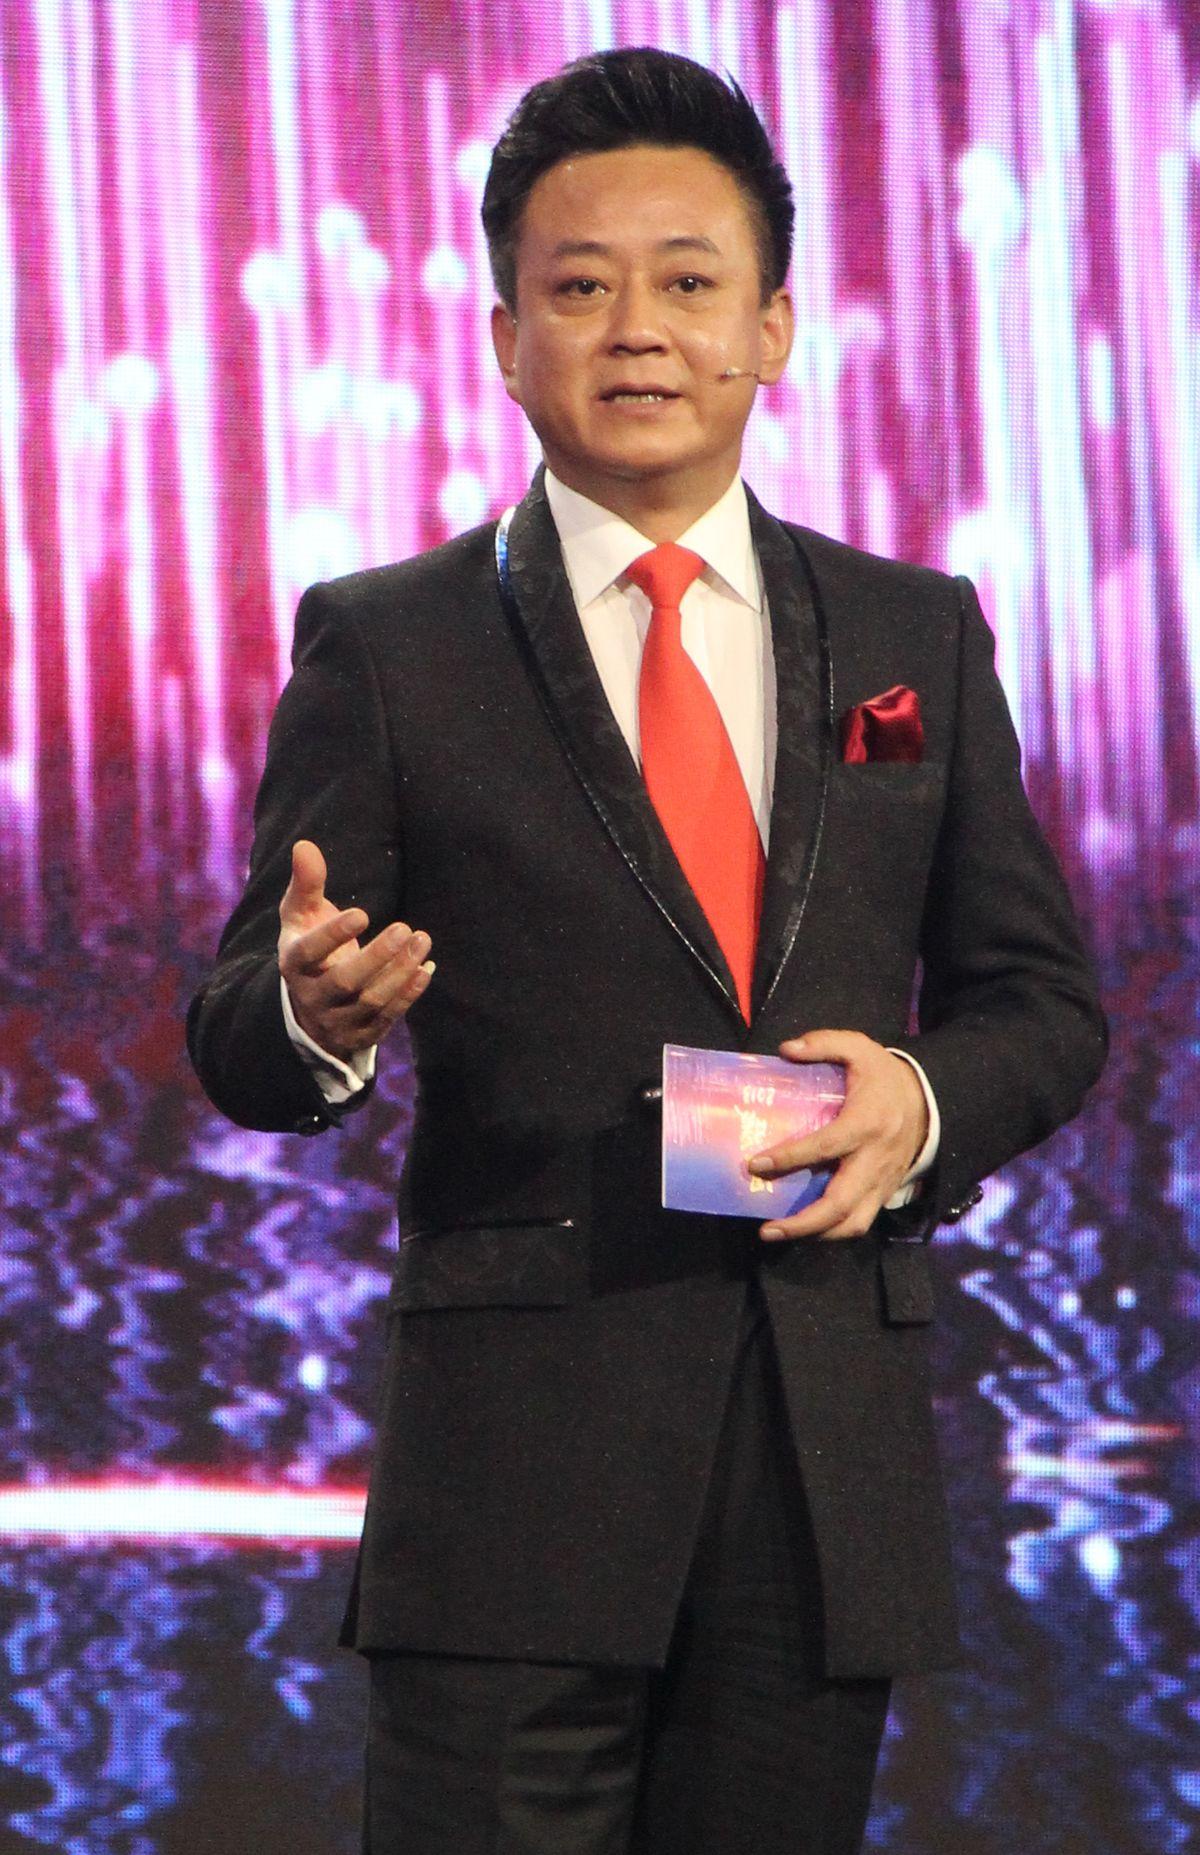 Zhu Jun (host) Zhu Jun host Wikipedia